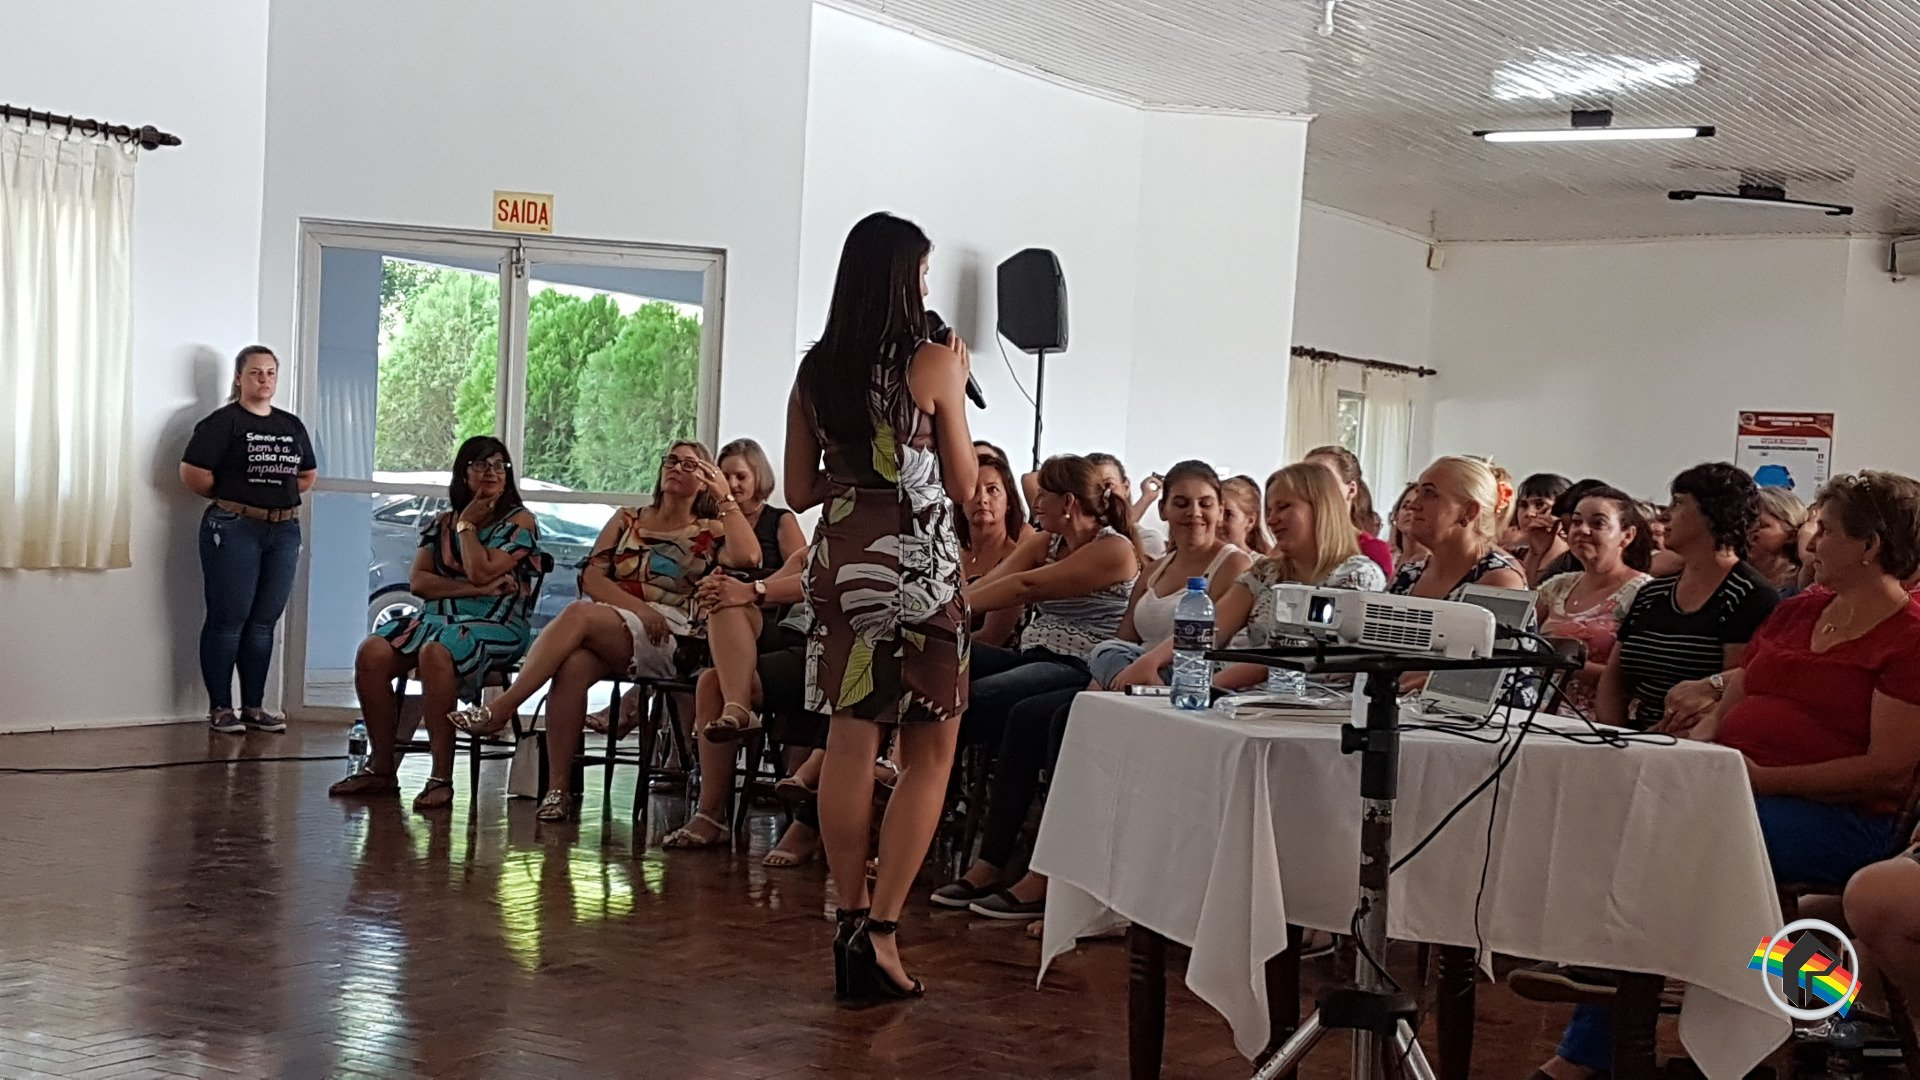 Secretaria de Educação de Itapiranga promove evento para abertura do ano letivo